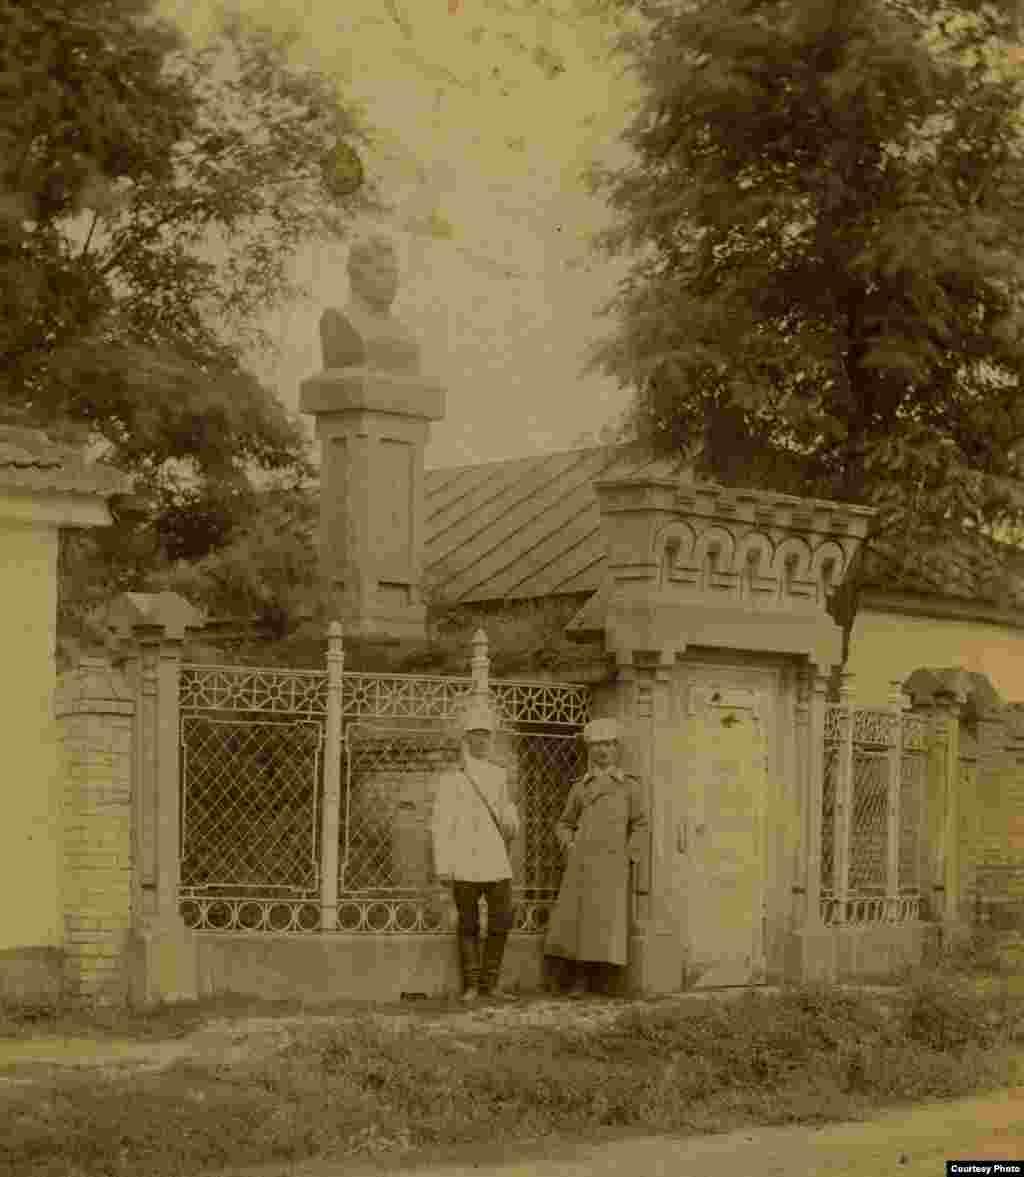 Памятник царскому военачальнику Алексею Ермолову в Грозном и землянка, в которой он жил.